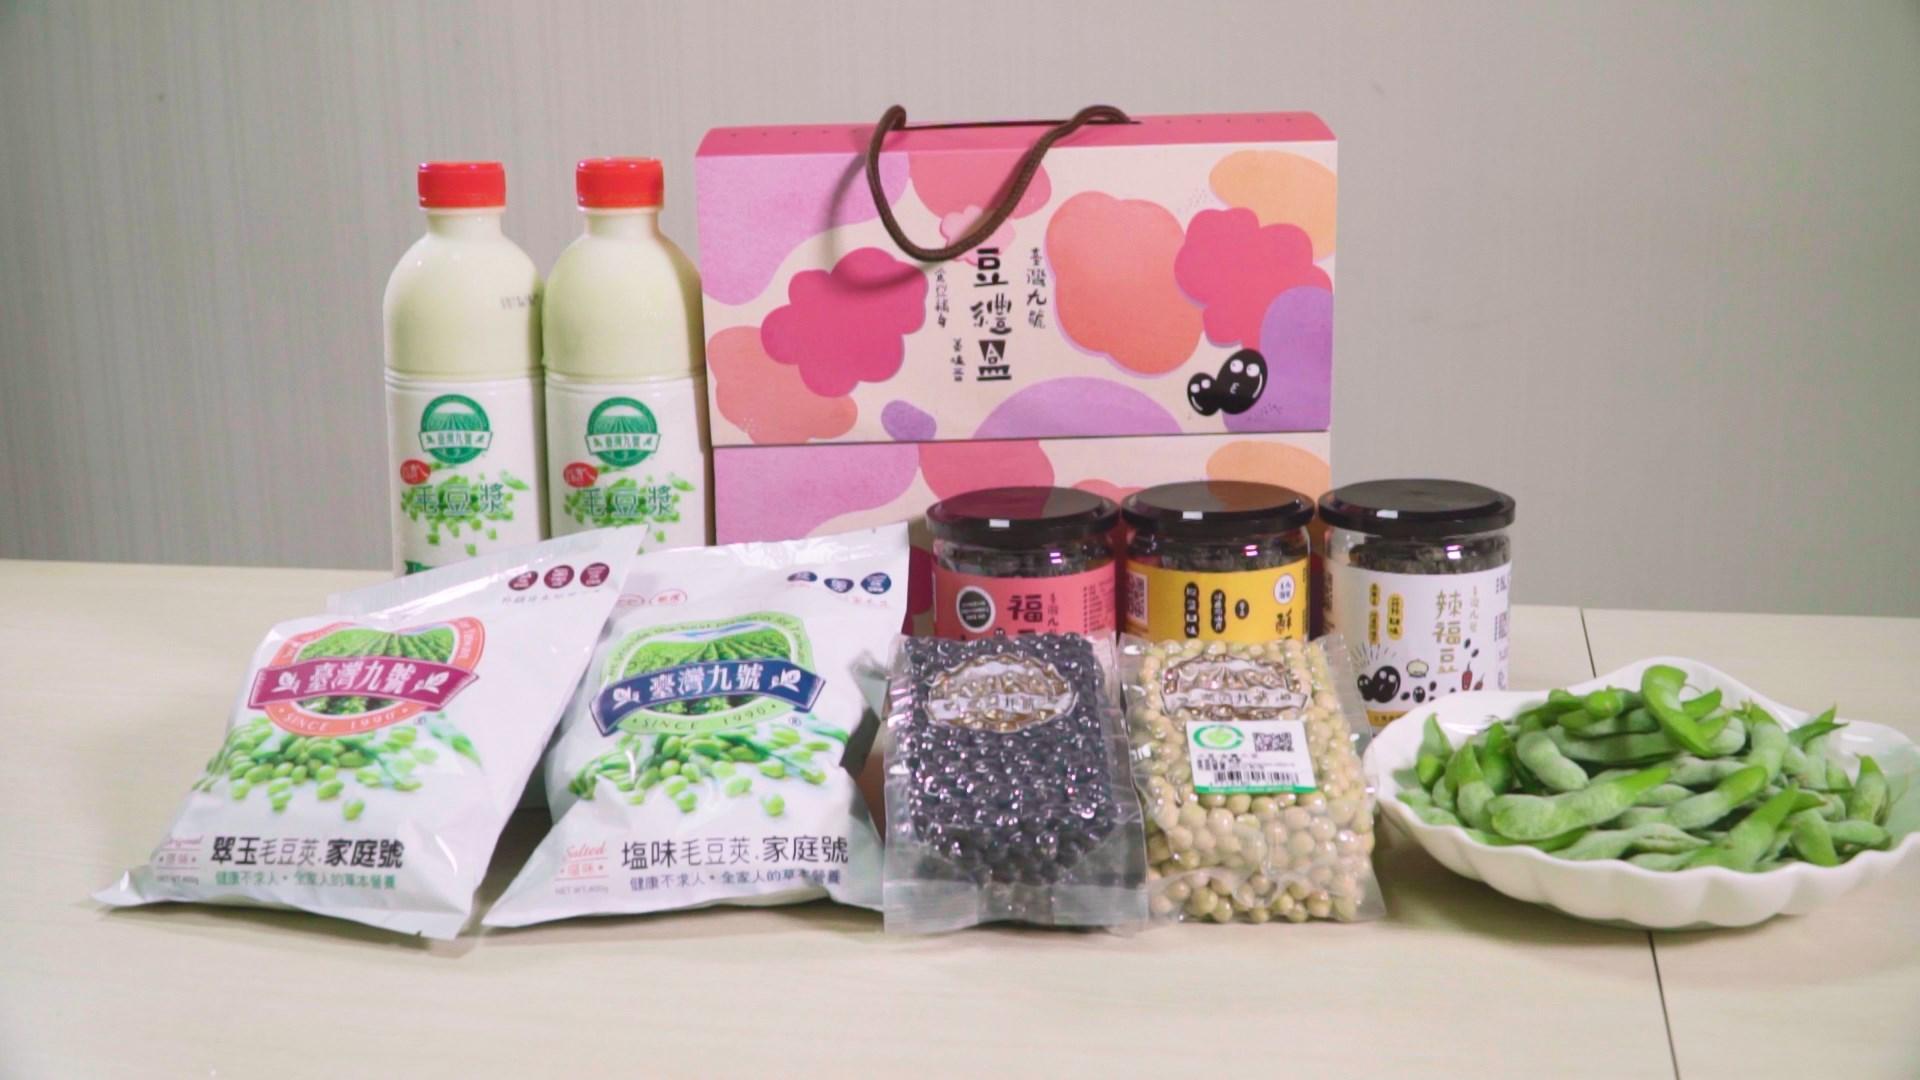 台灣九號除了販售毛豆莢之外,更研發毛豆漿。